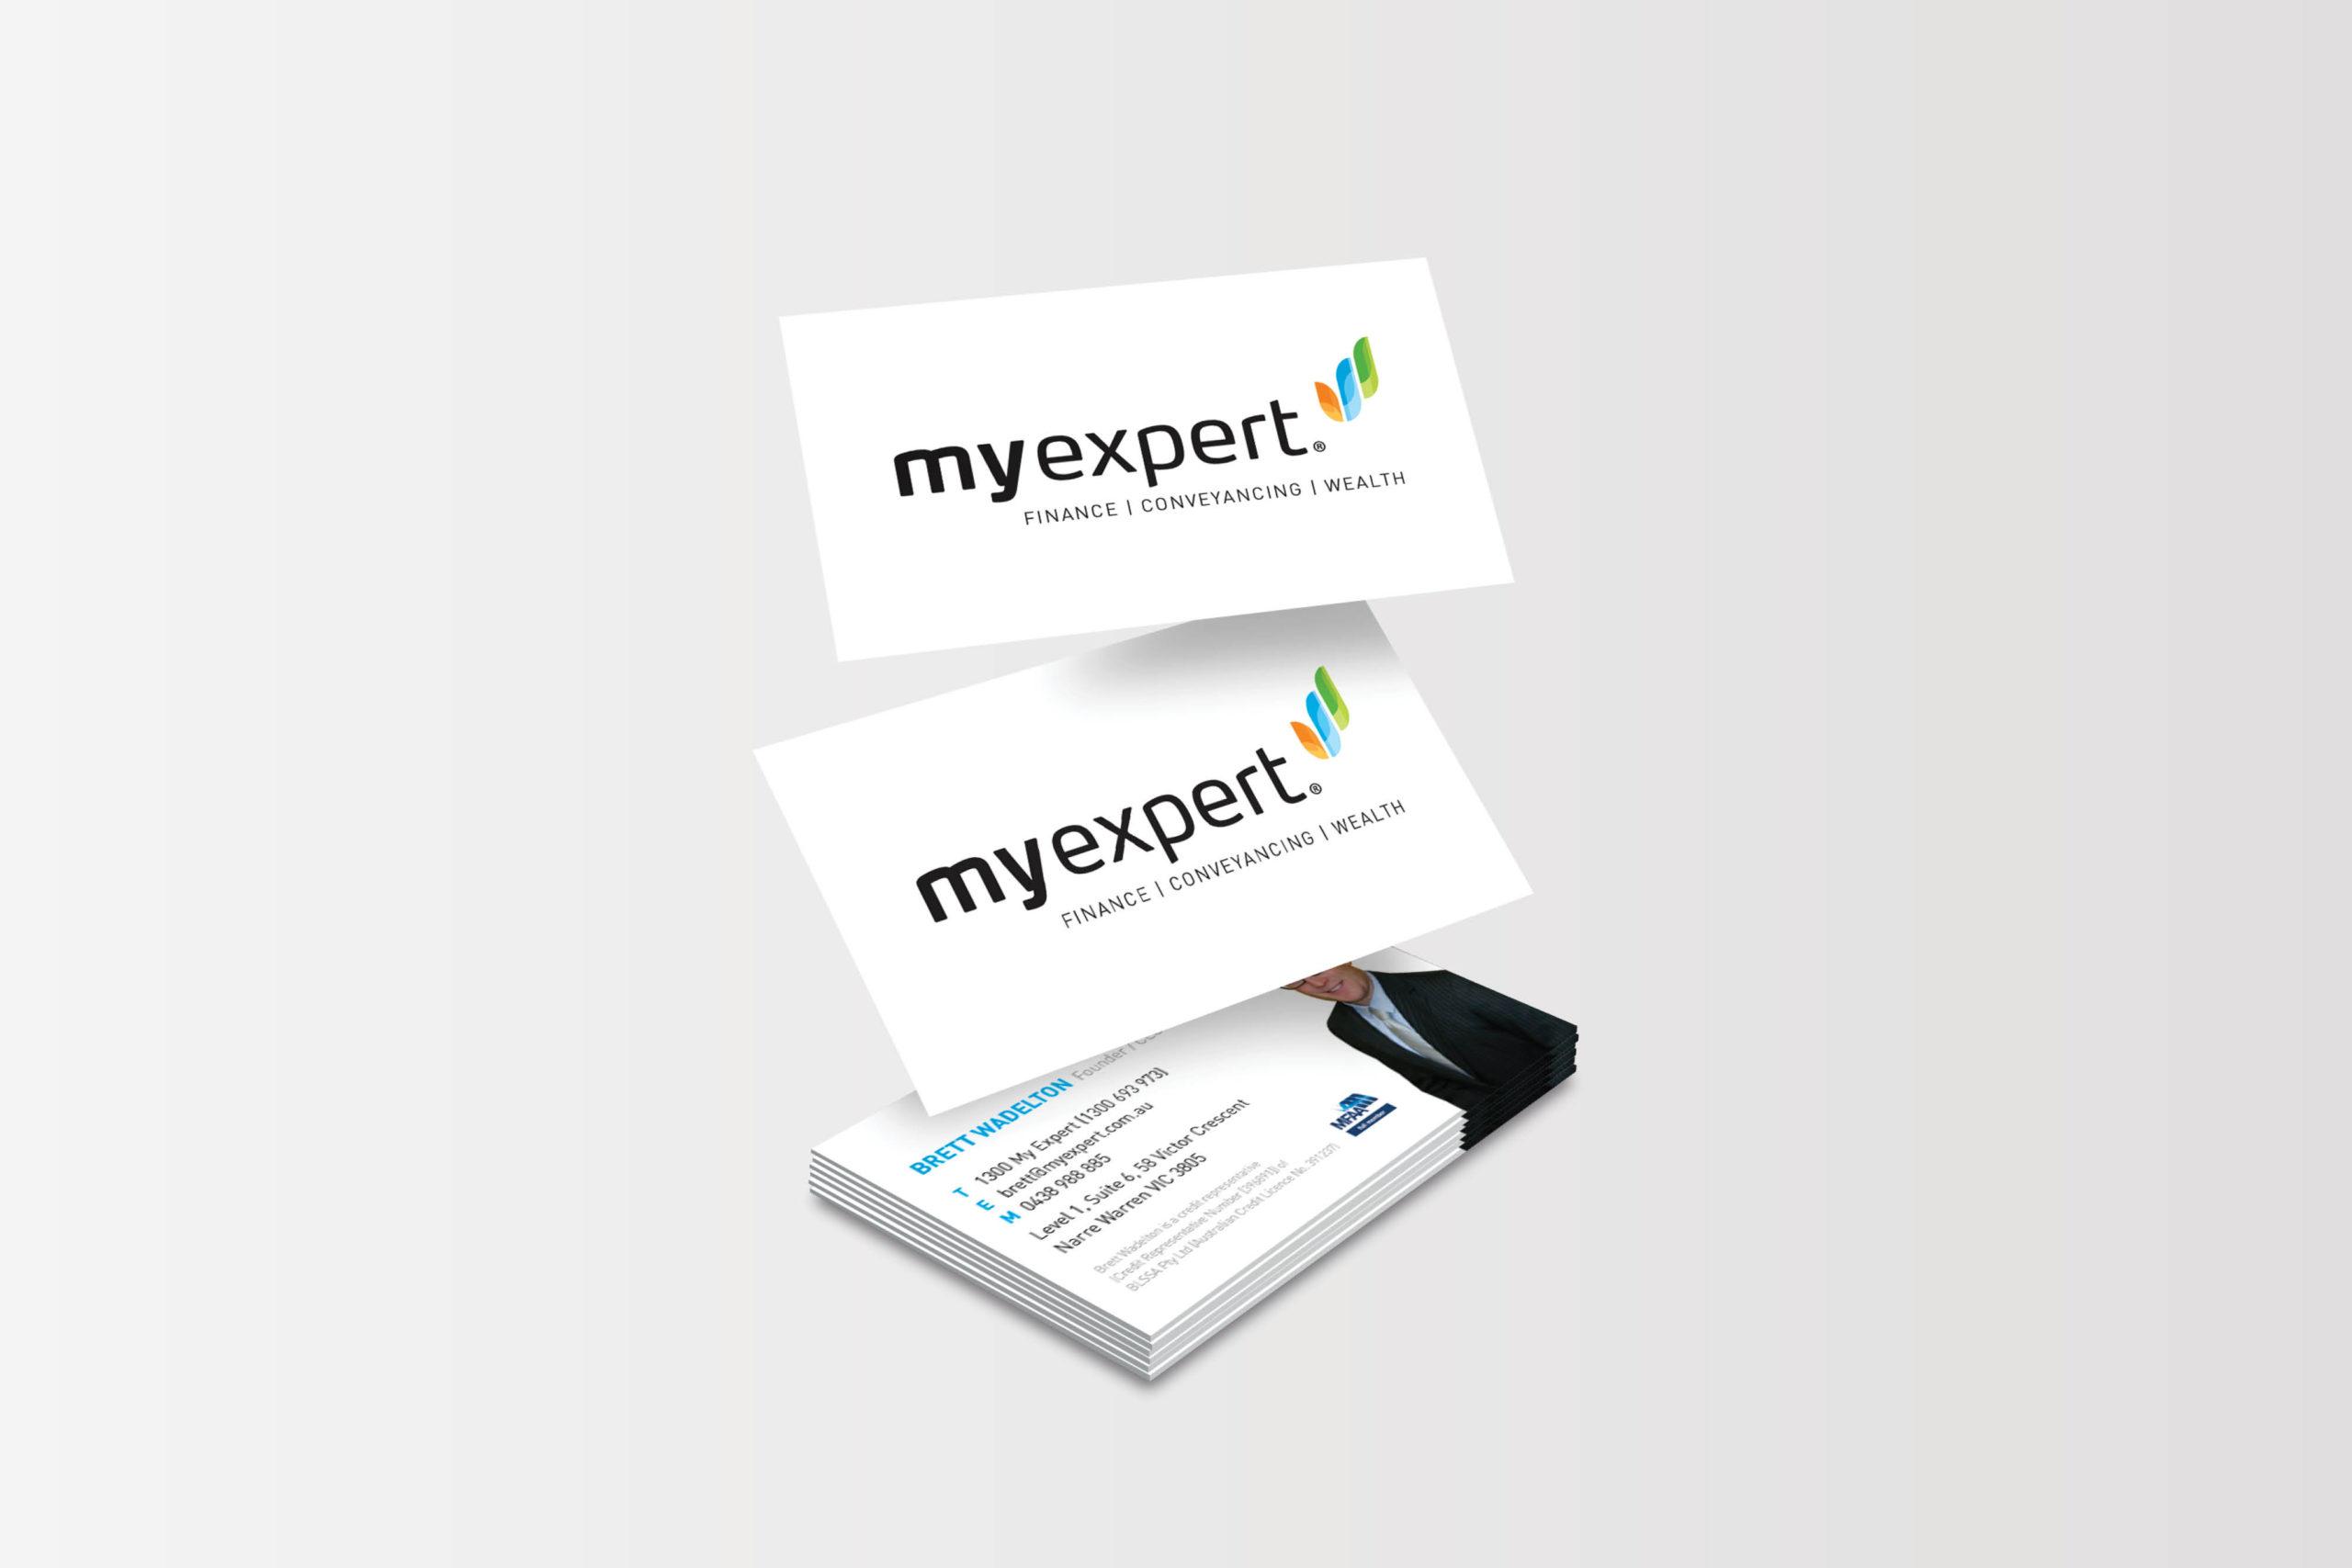 My Expert Business Card Design